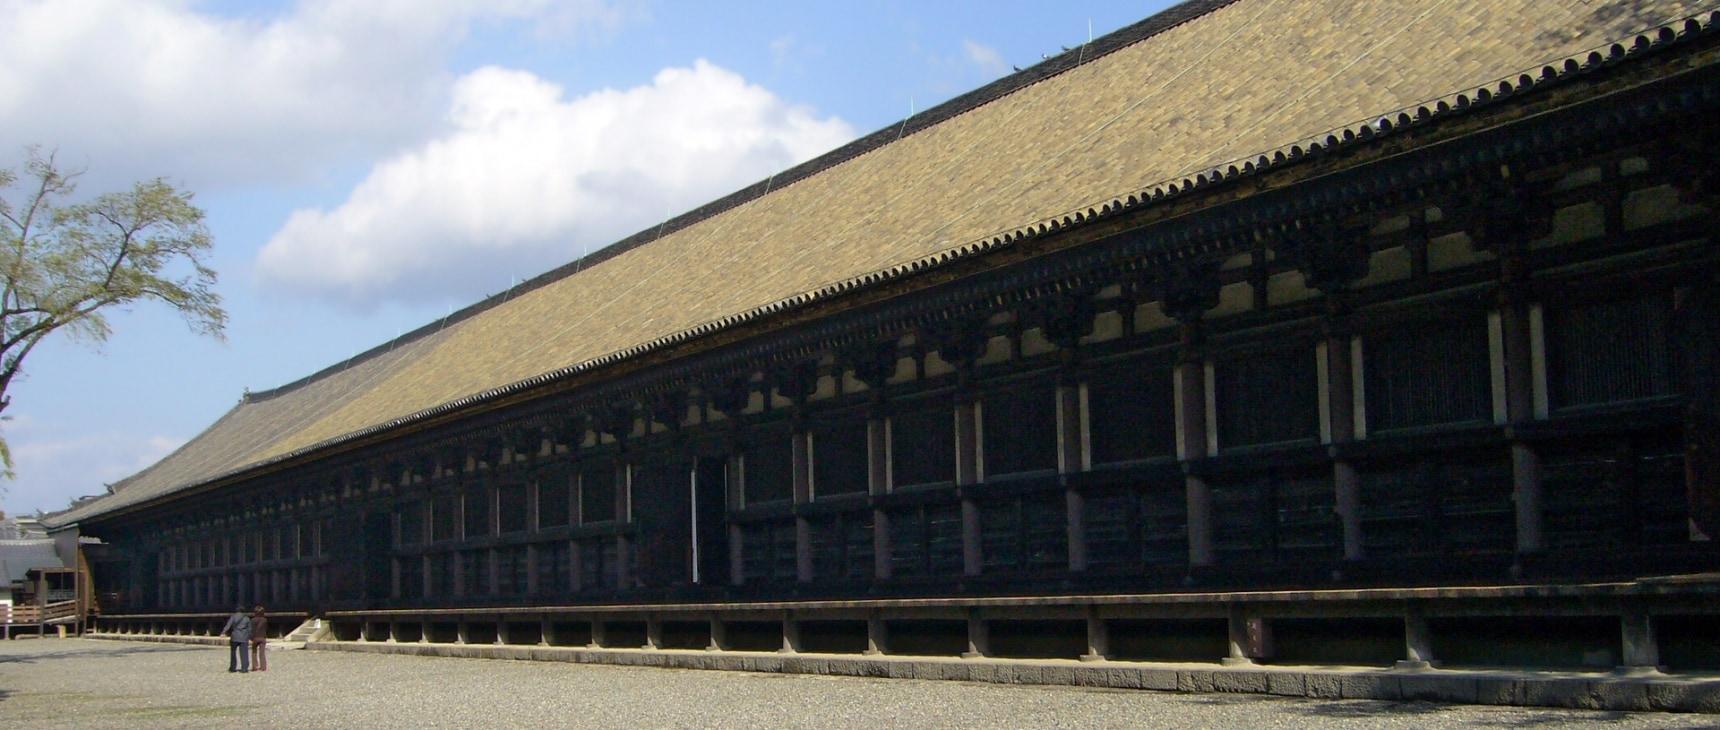 米其林三星景点之莲华王院—三十三间堂